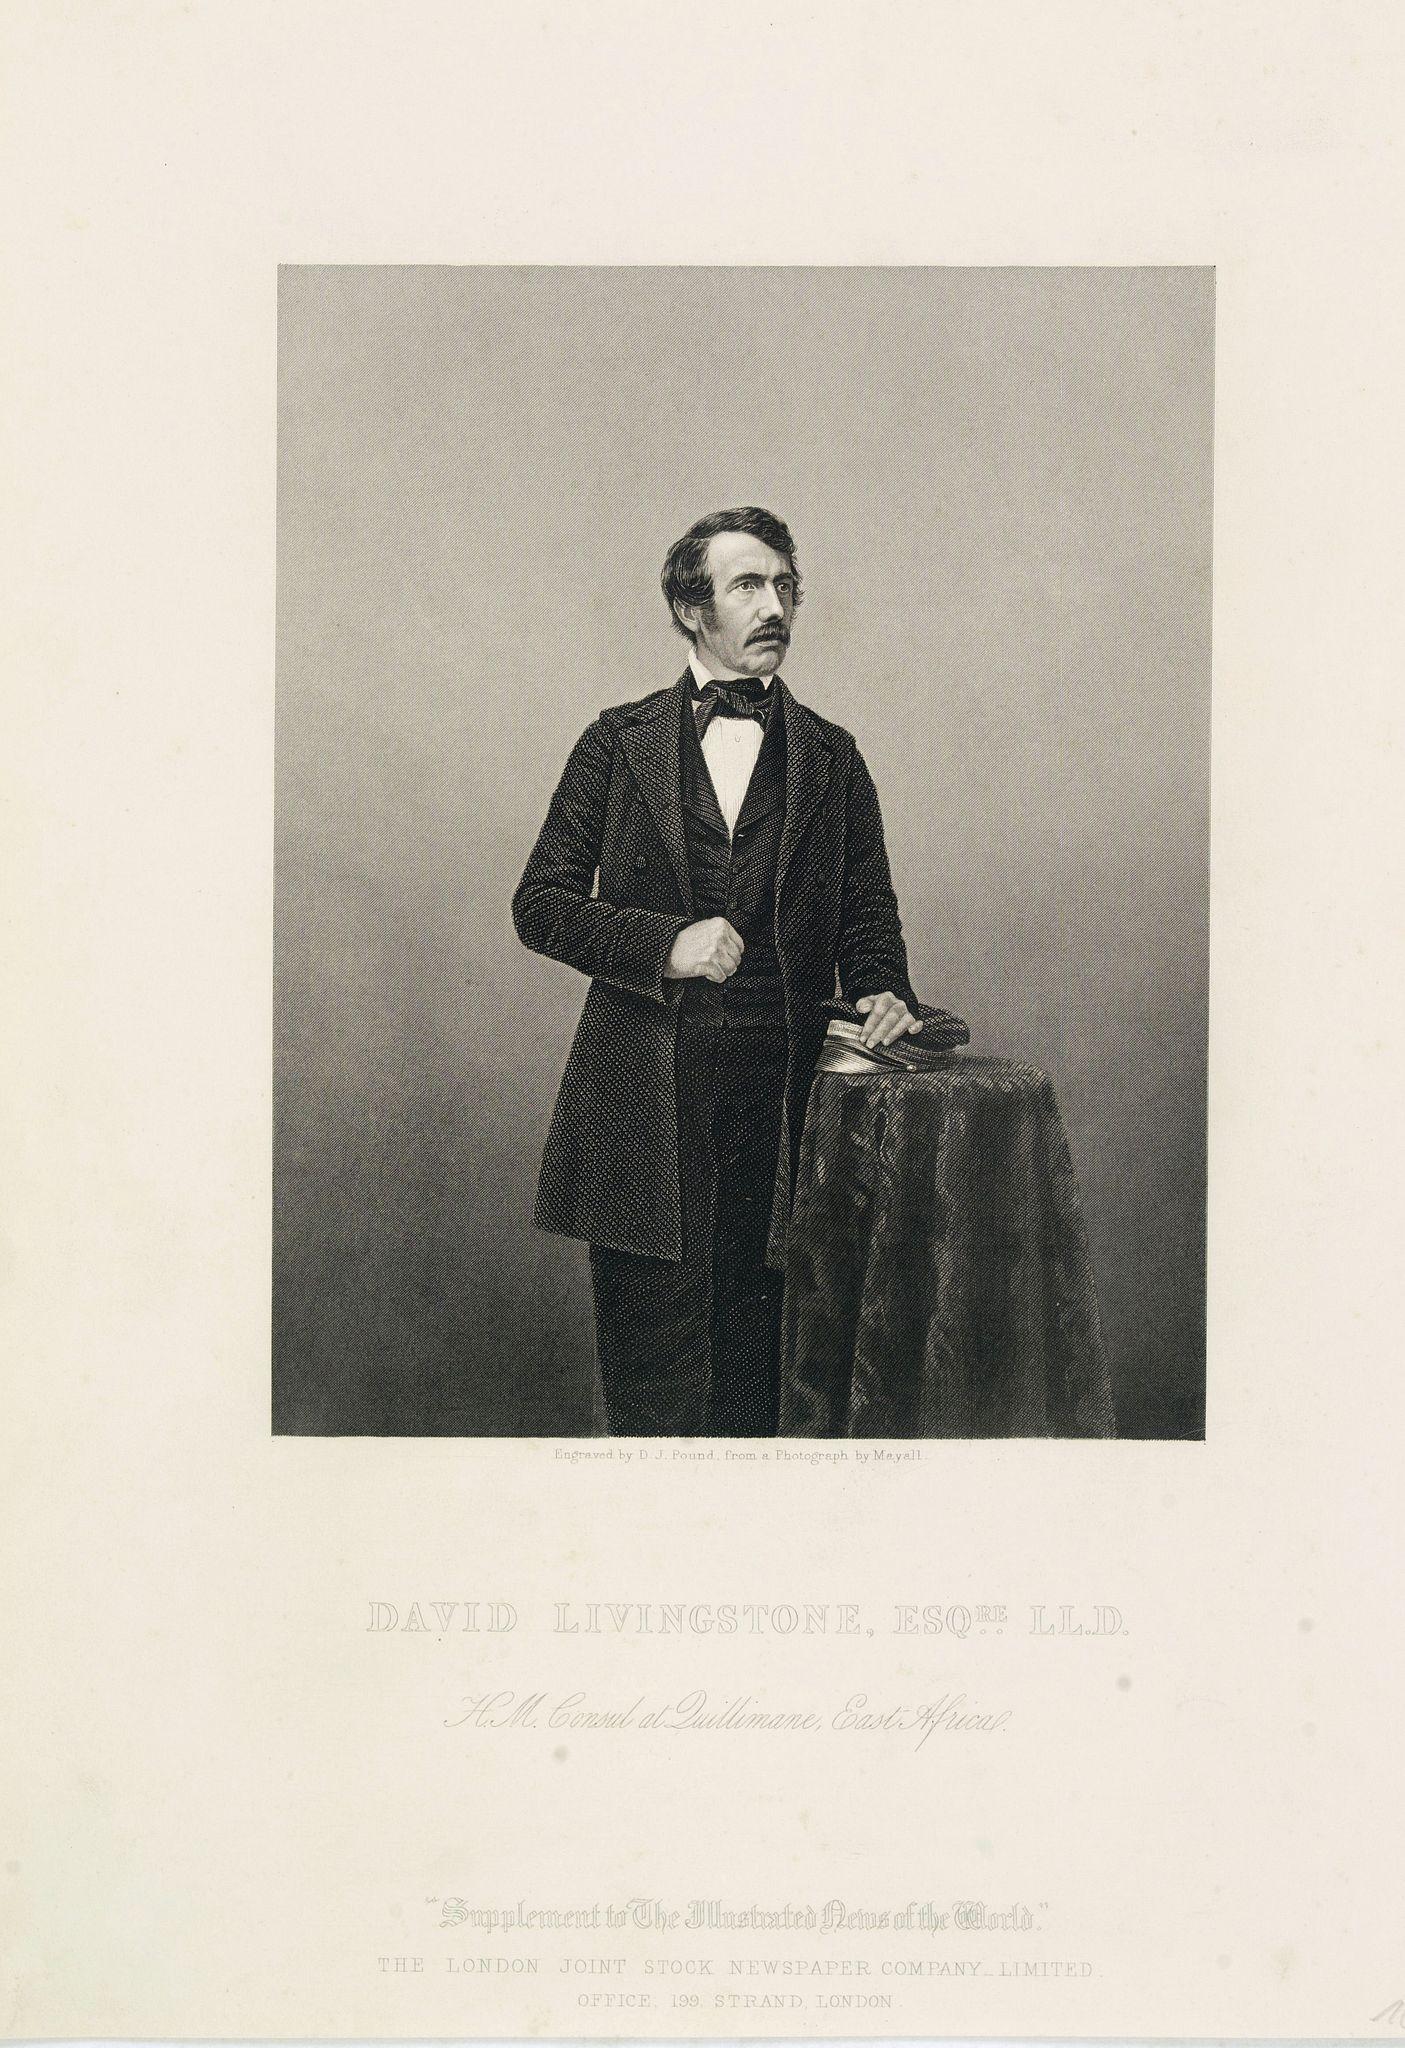 POUND, D.J. -  David Livingstone, ESQre L.L.D. H.M.Consul at Duillimane, East Africa.